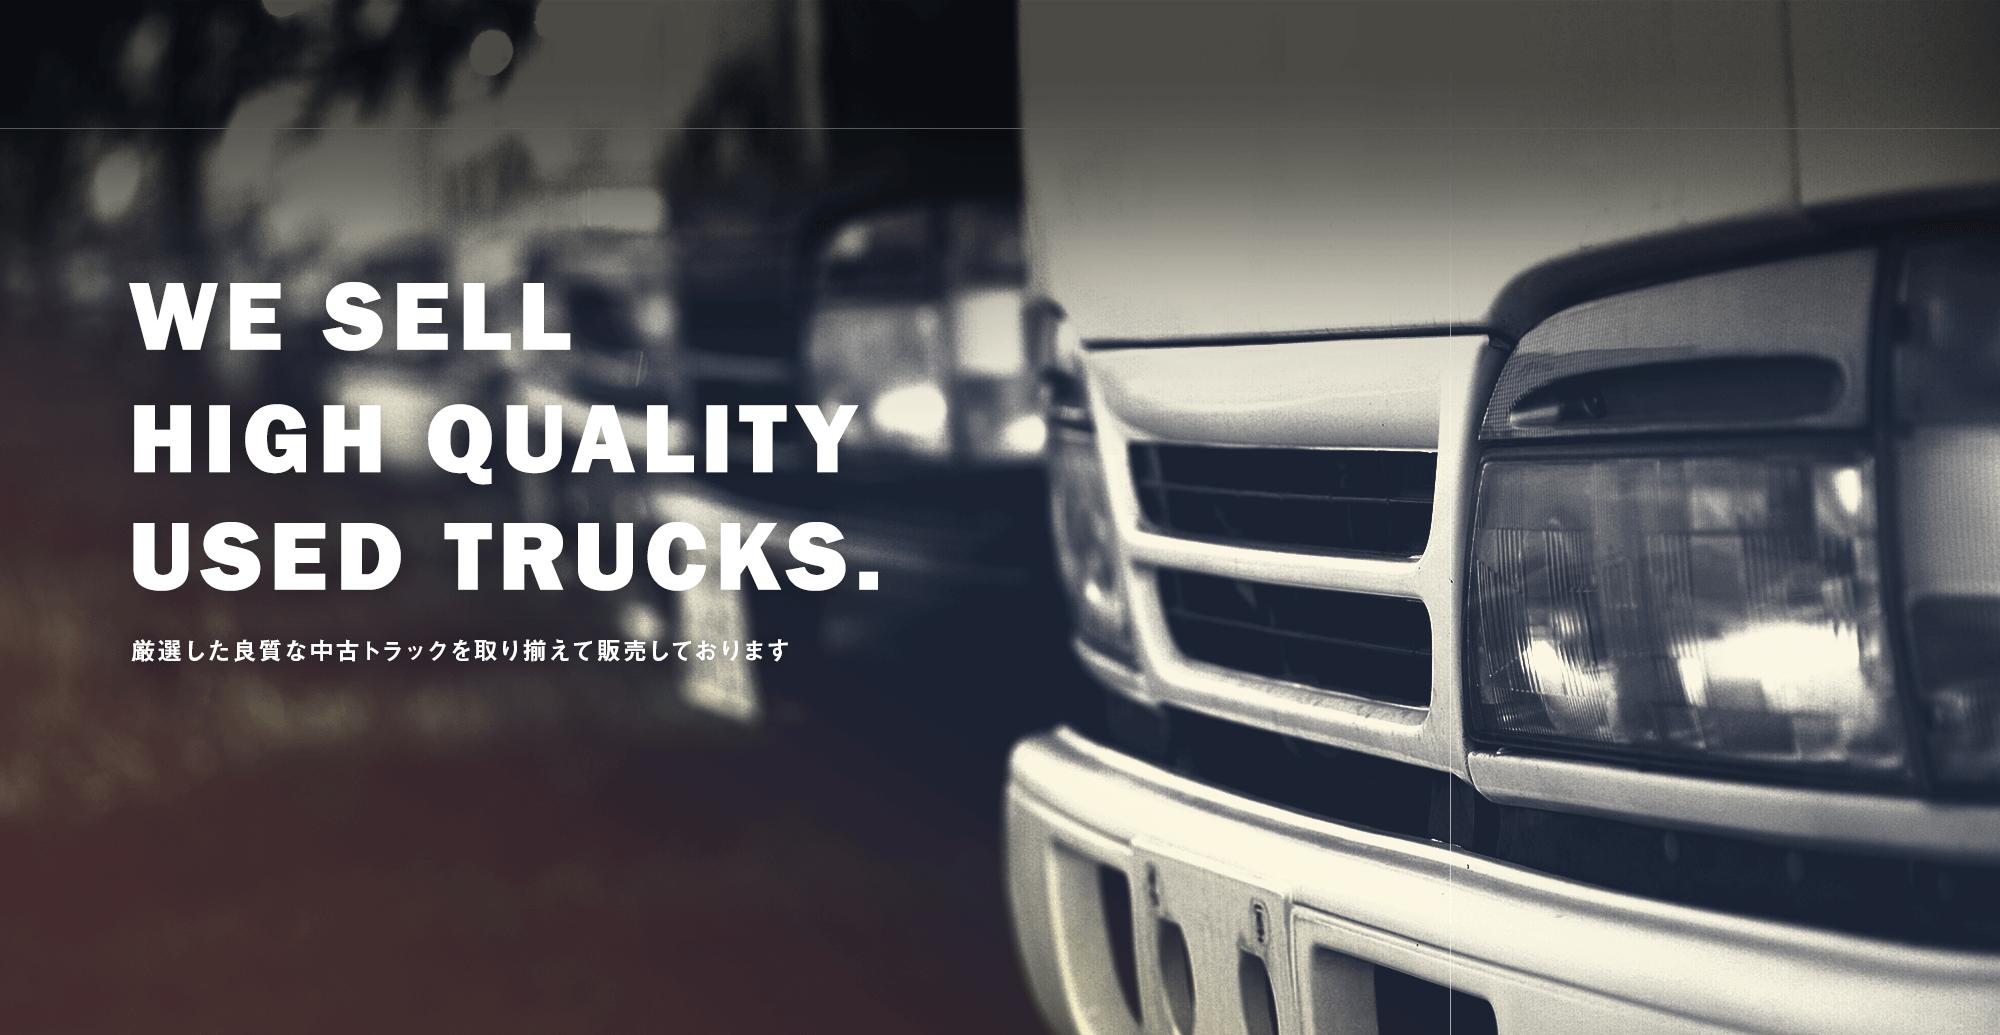 厳選した良質な中古トラックを取り揃えて販売しております